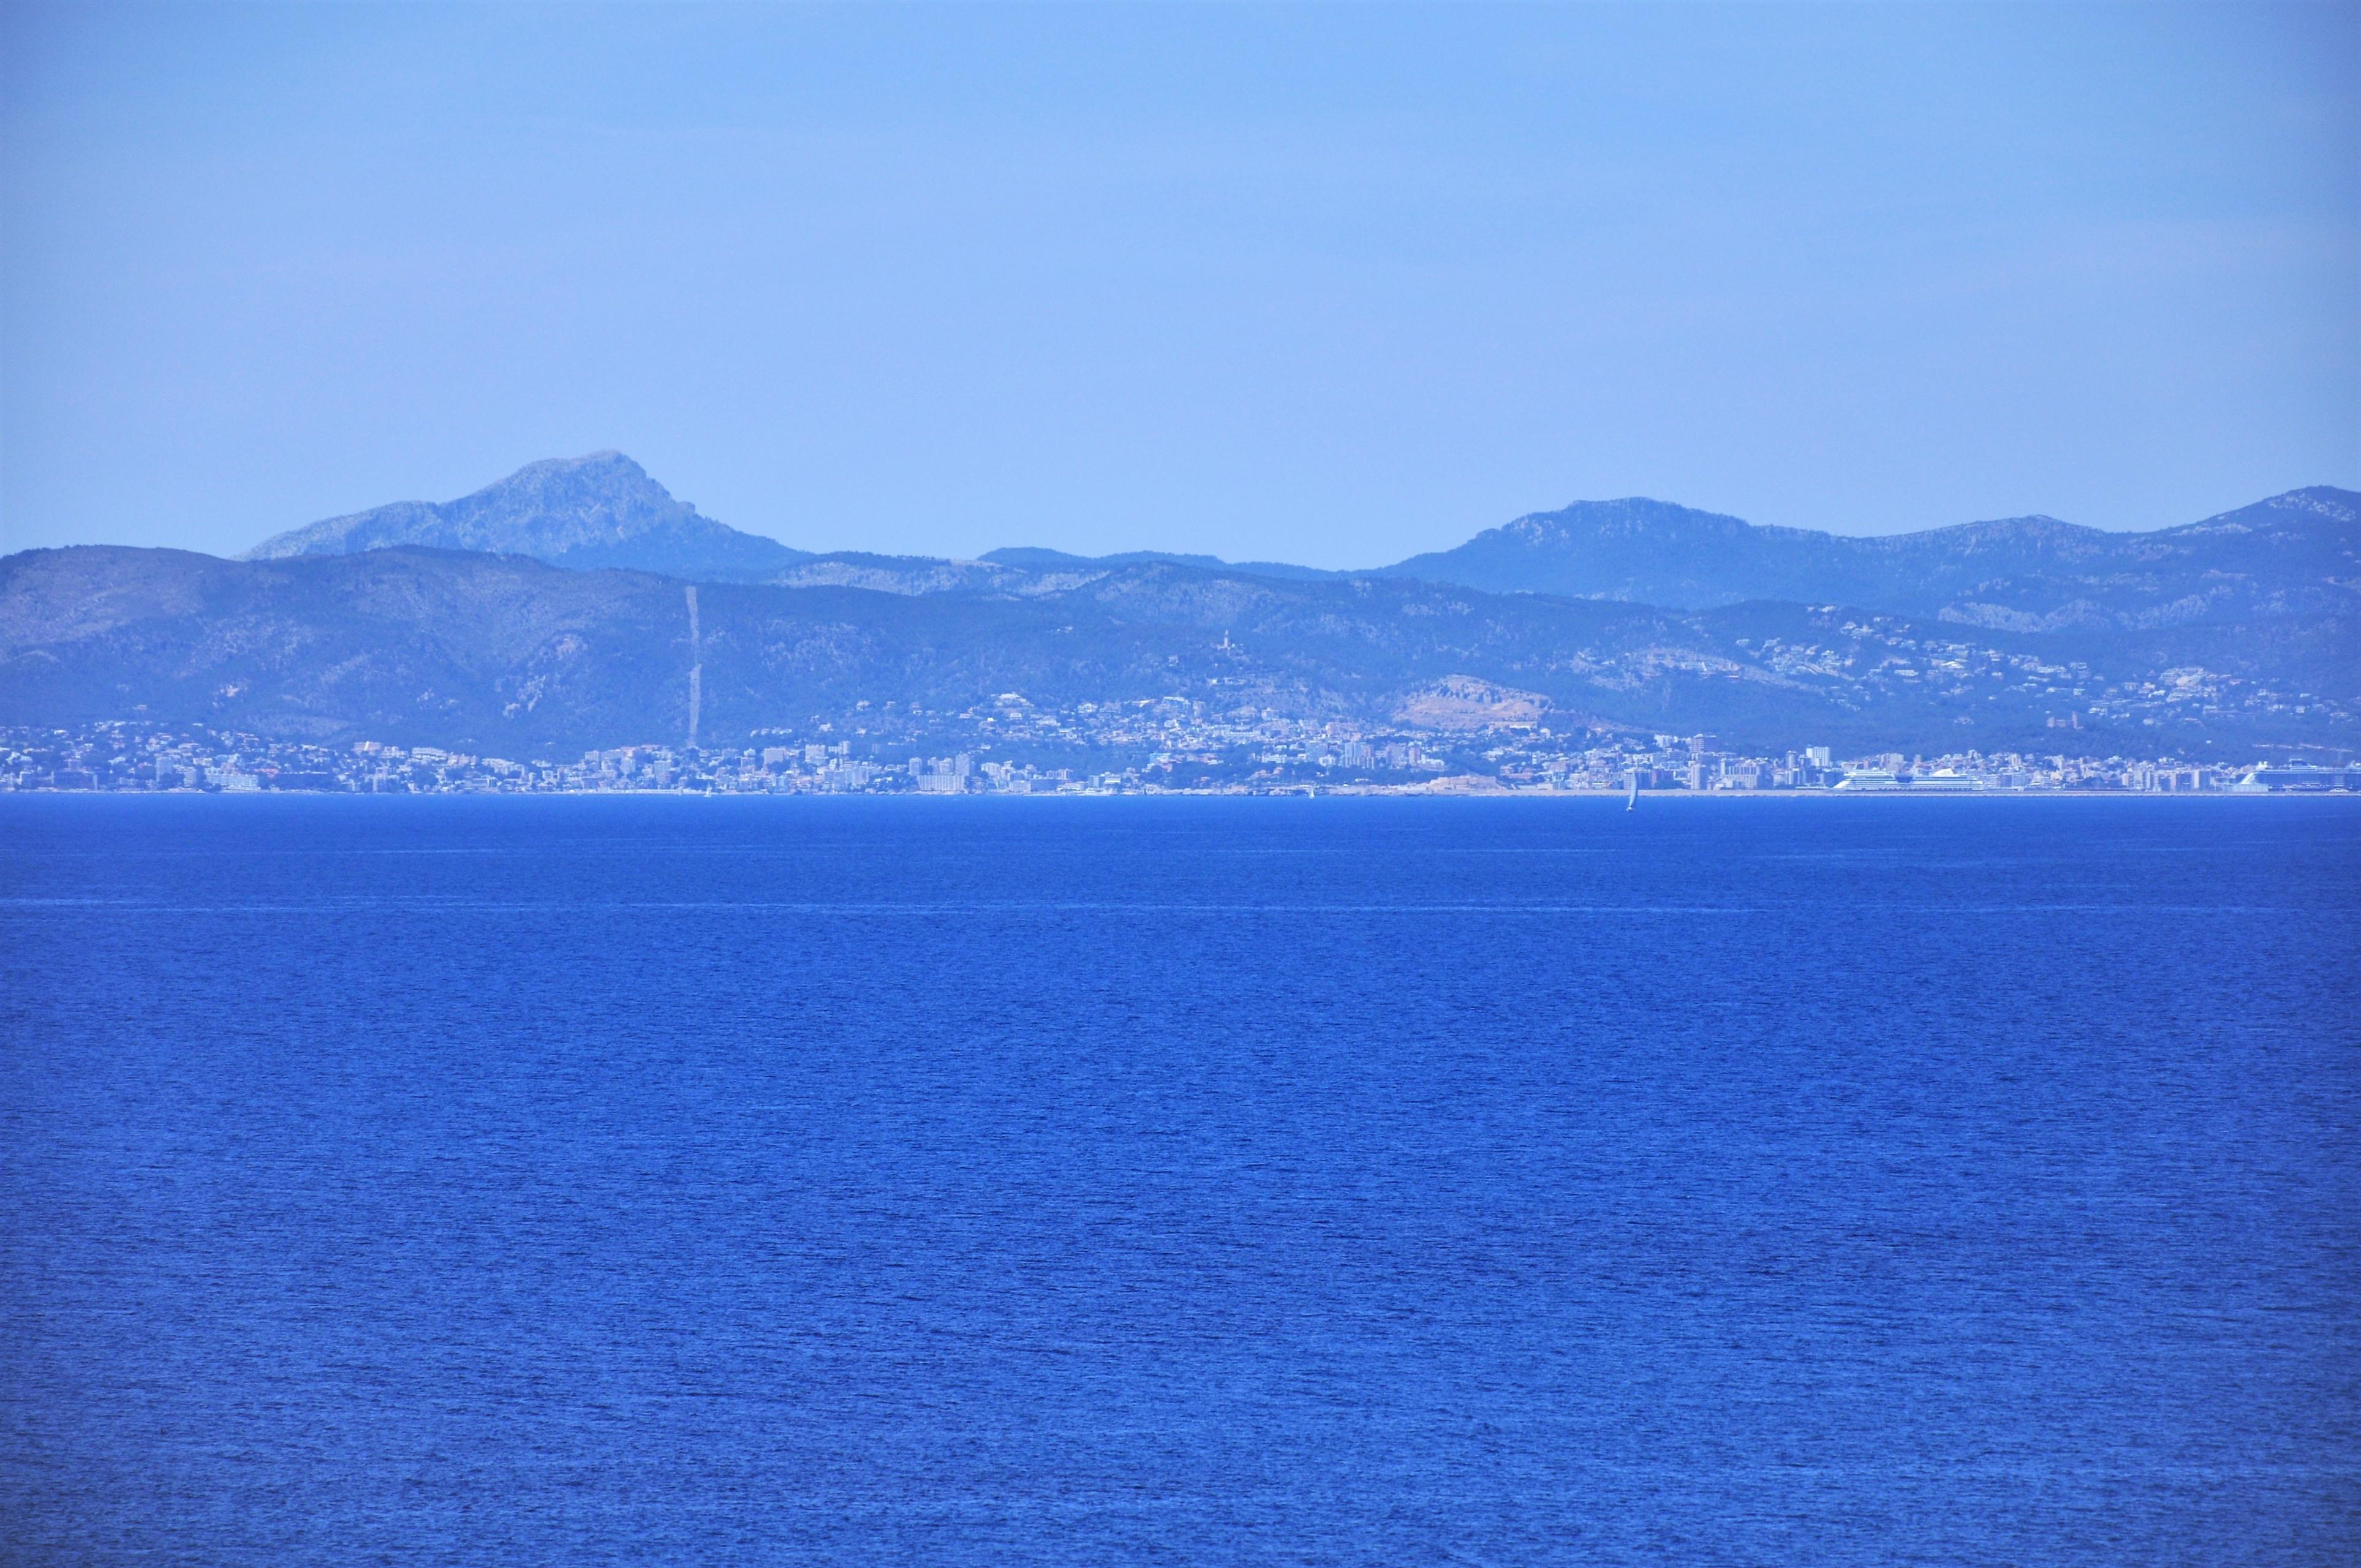 Maison de vacances VILLA BAY BLUE- Bahia Azul- Mallorca - VILLAONLINE - Kostenloses WLAN (2684052), Bahia Azul, Majorque, Iles Baléares, Espagne, image 36